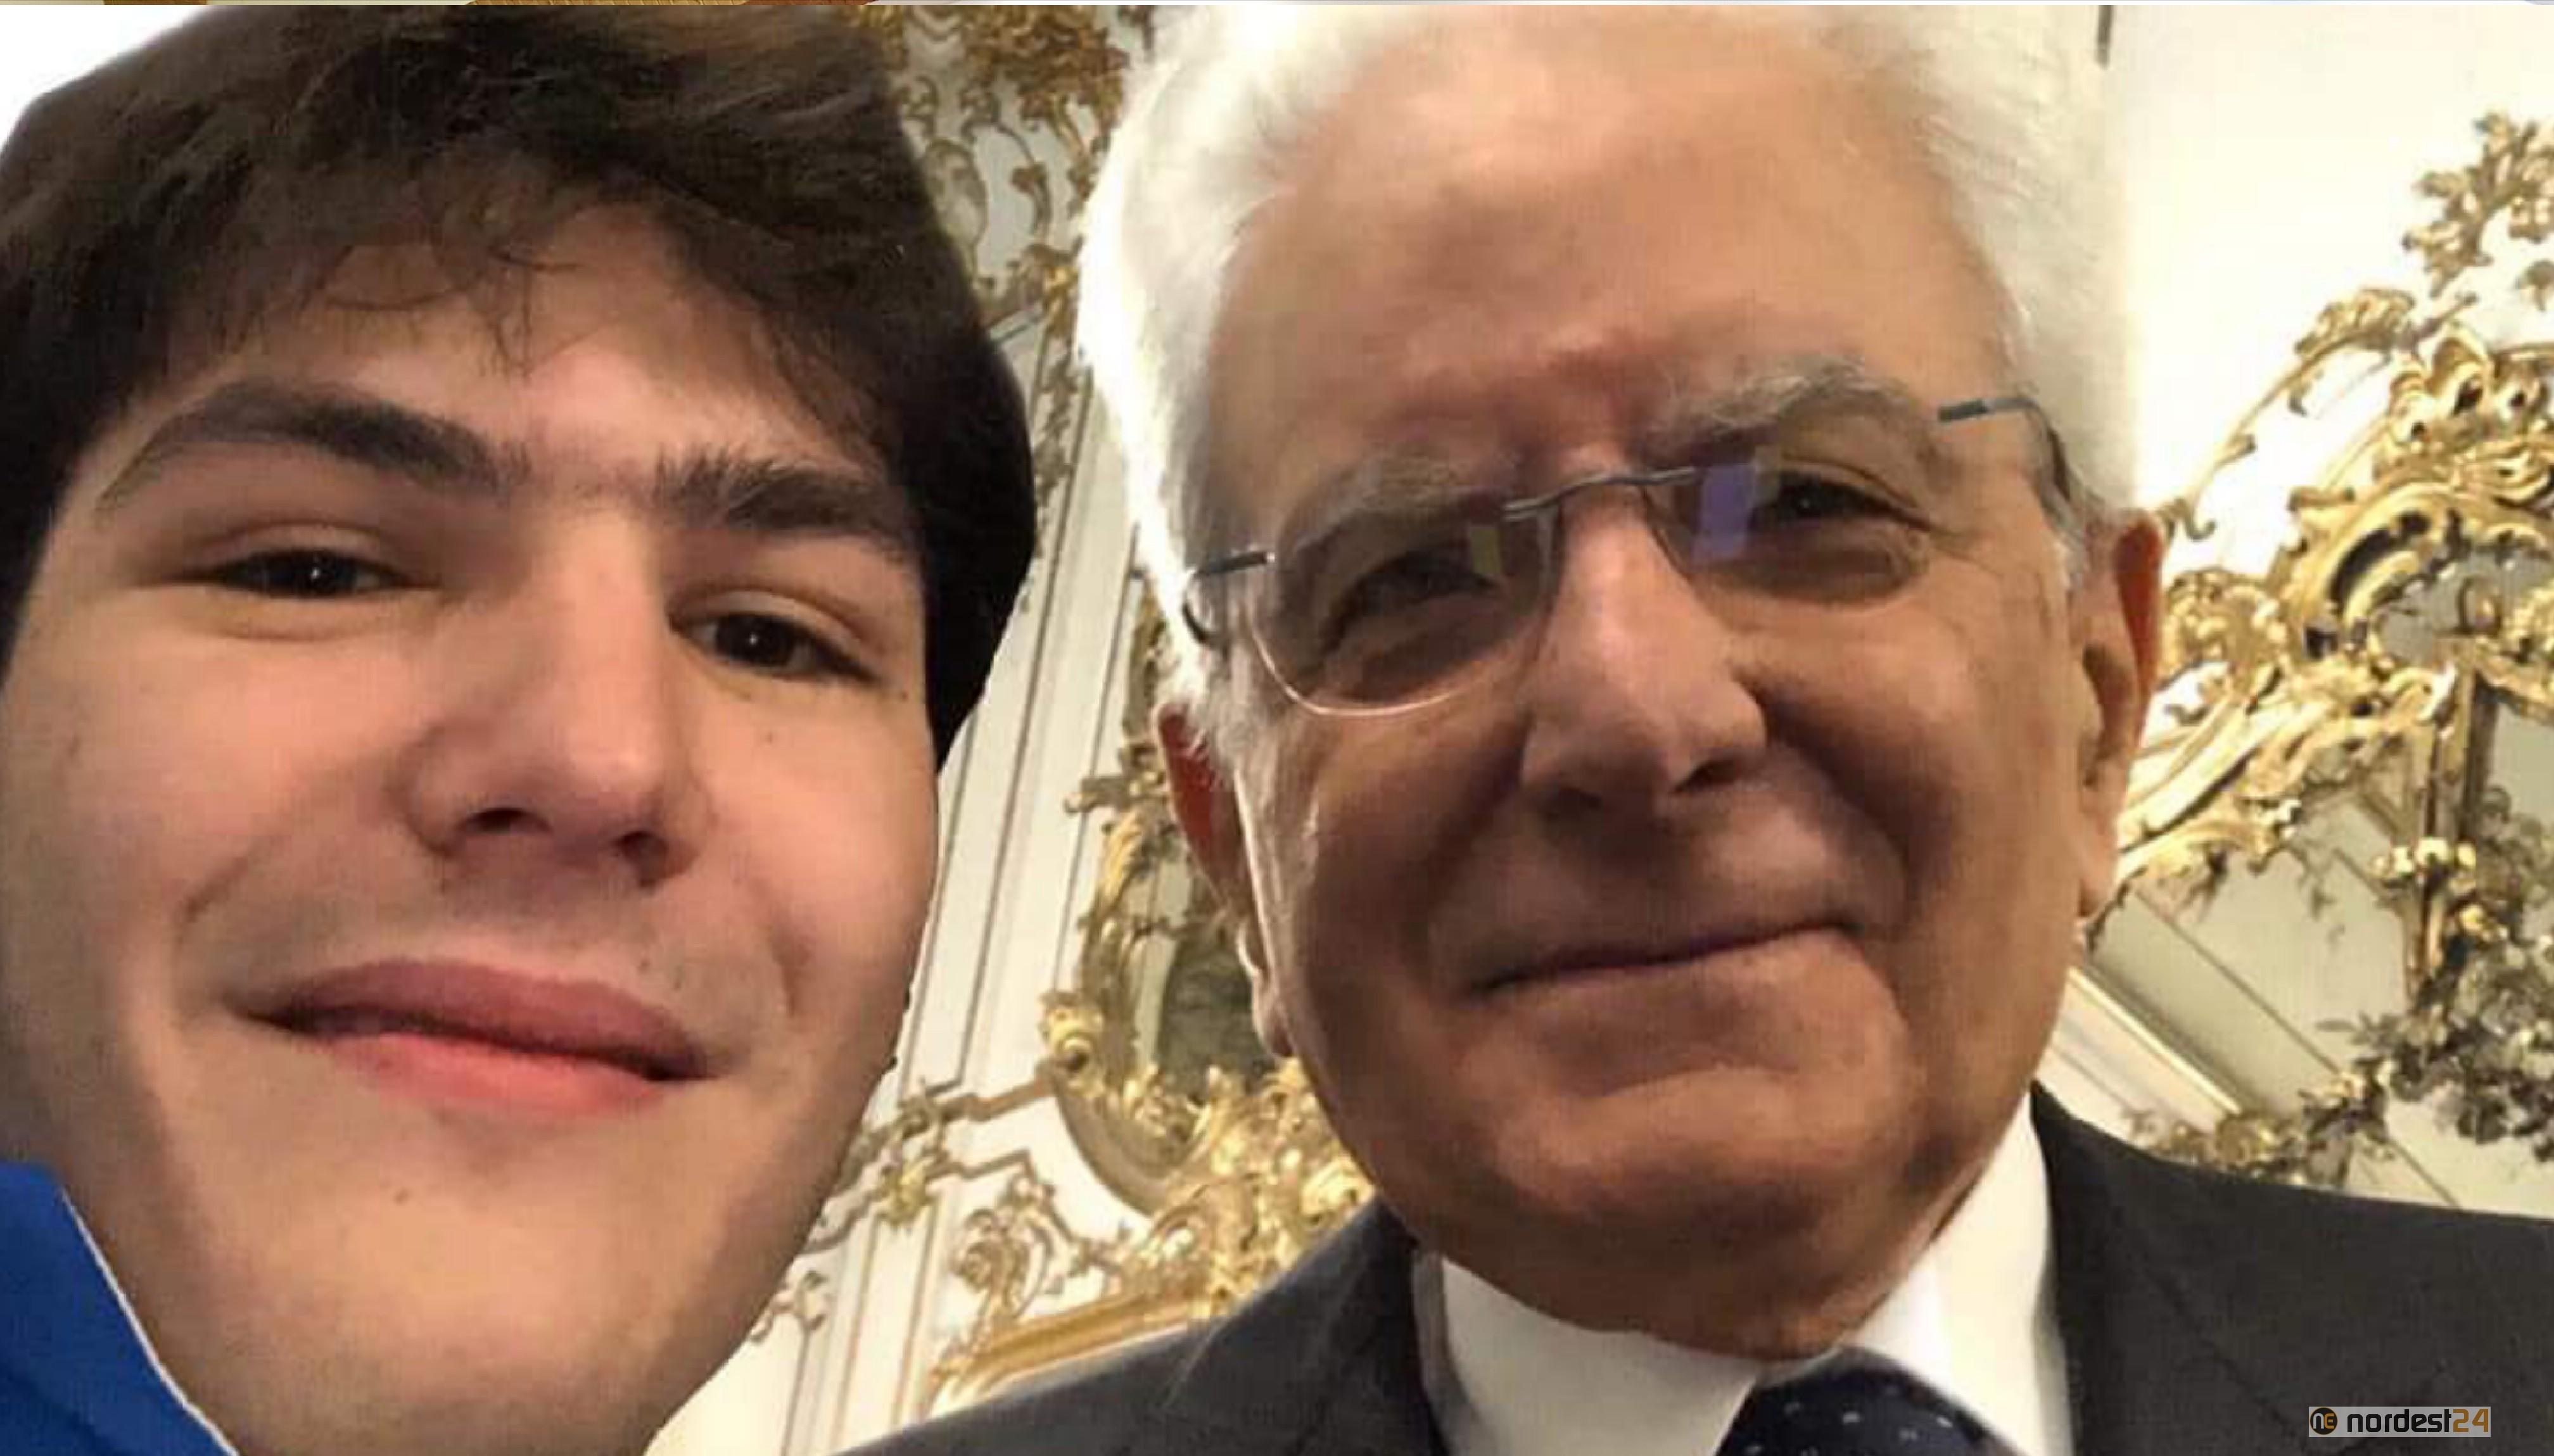 Da Bibione al Quirinale: Antonio Fantin incontra Mattarella - Nordest24.it